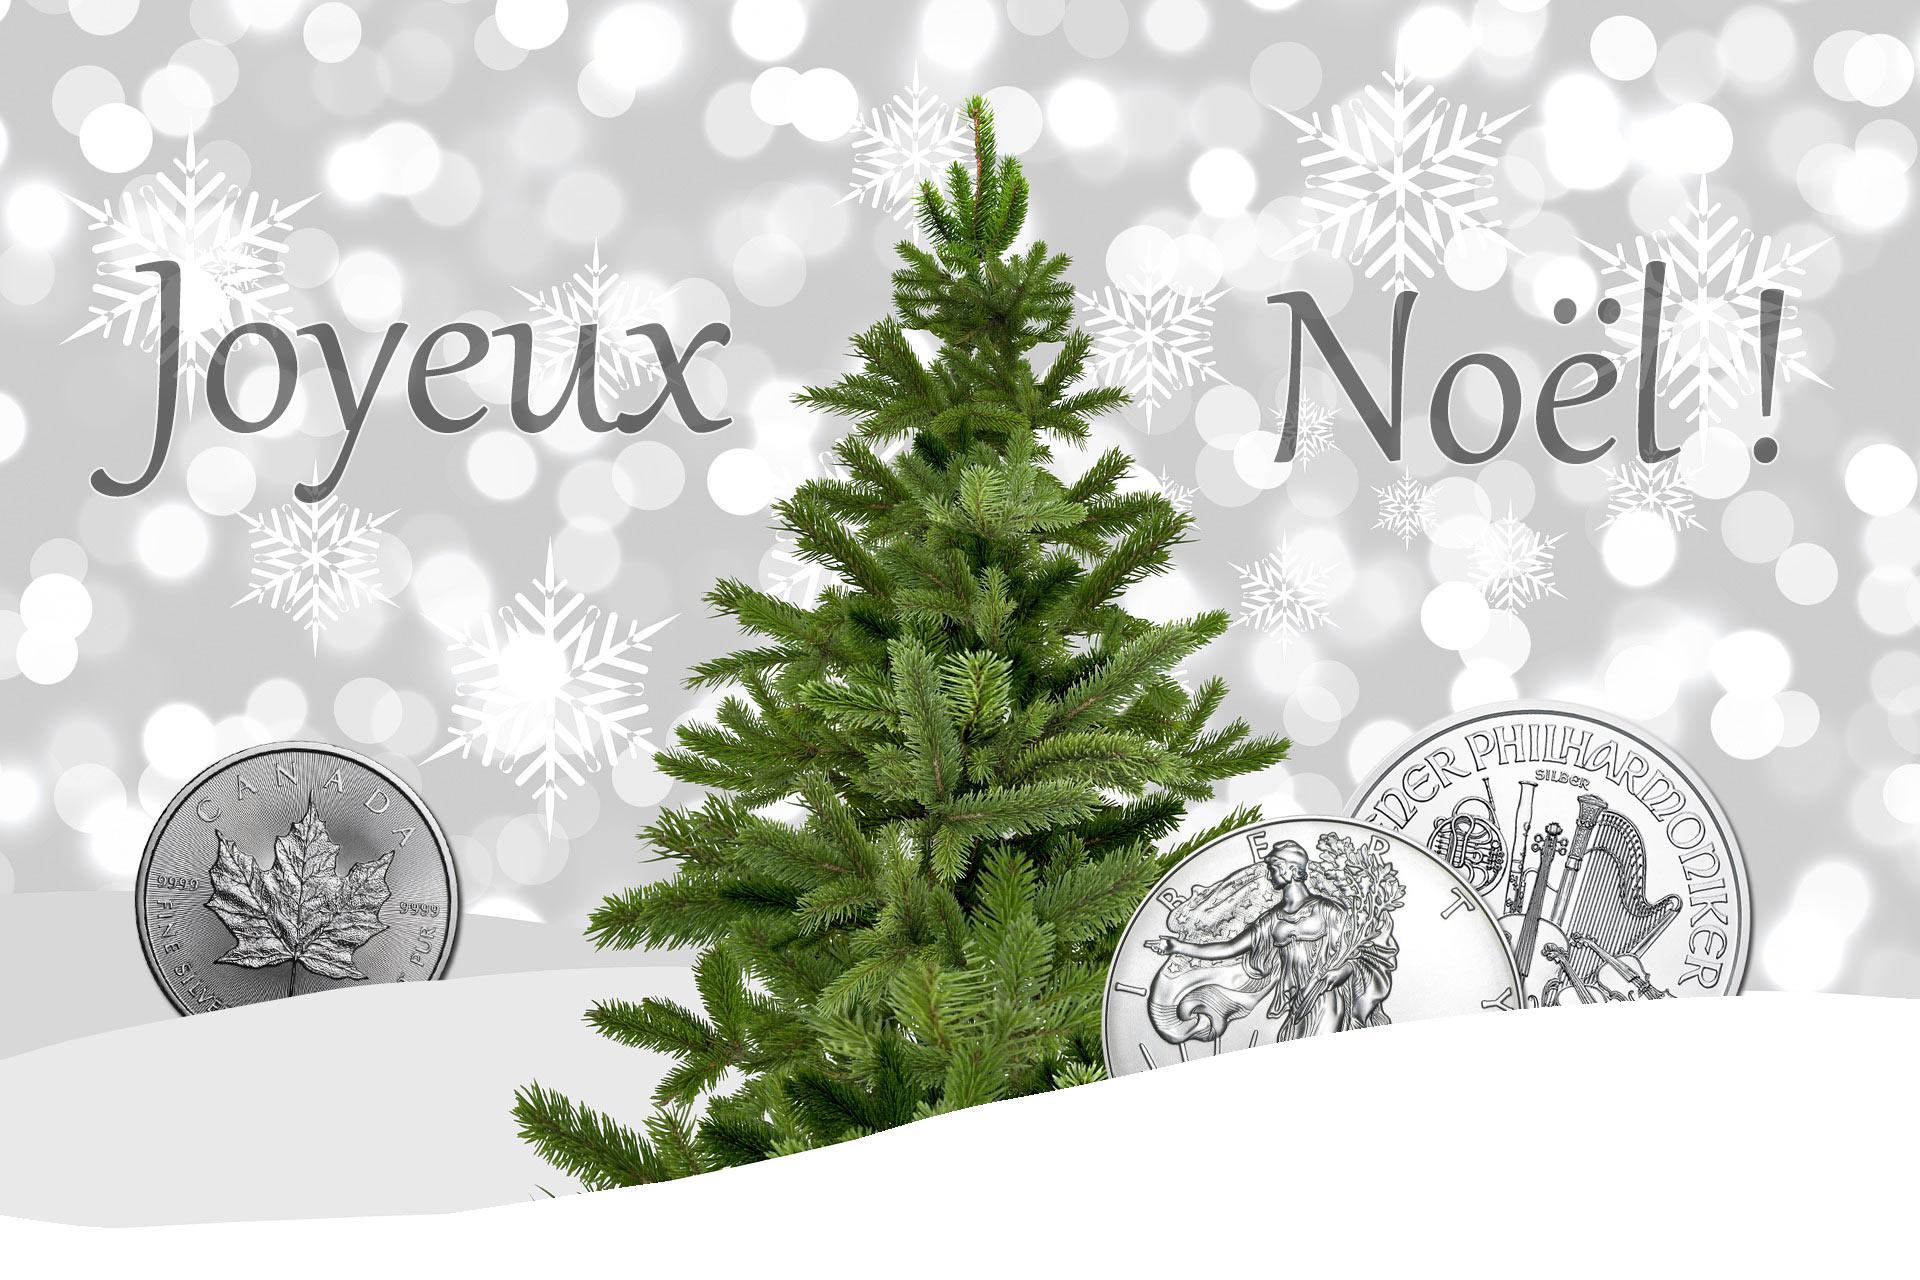 Joyeux Noel Sacra-moneta, numismatique et monnaies de collection. Quelques pièces d'argent en illustration